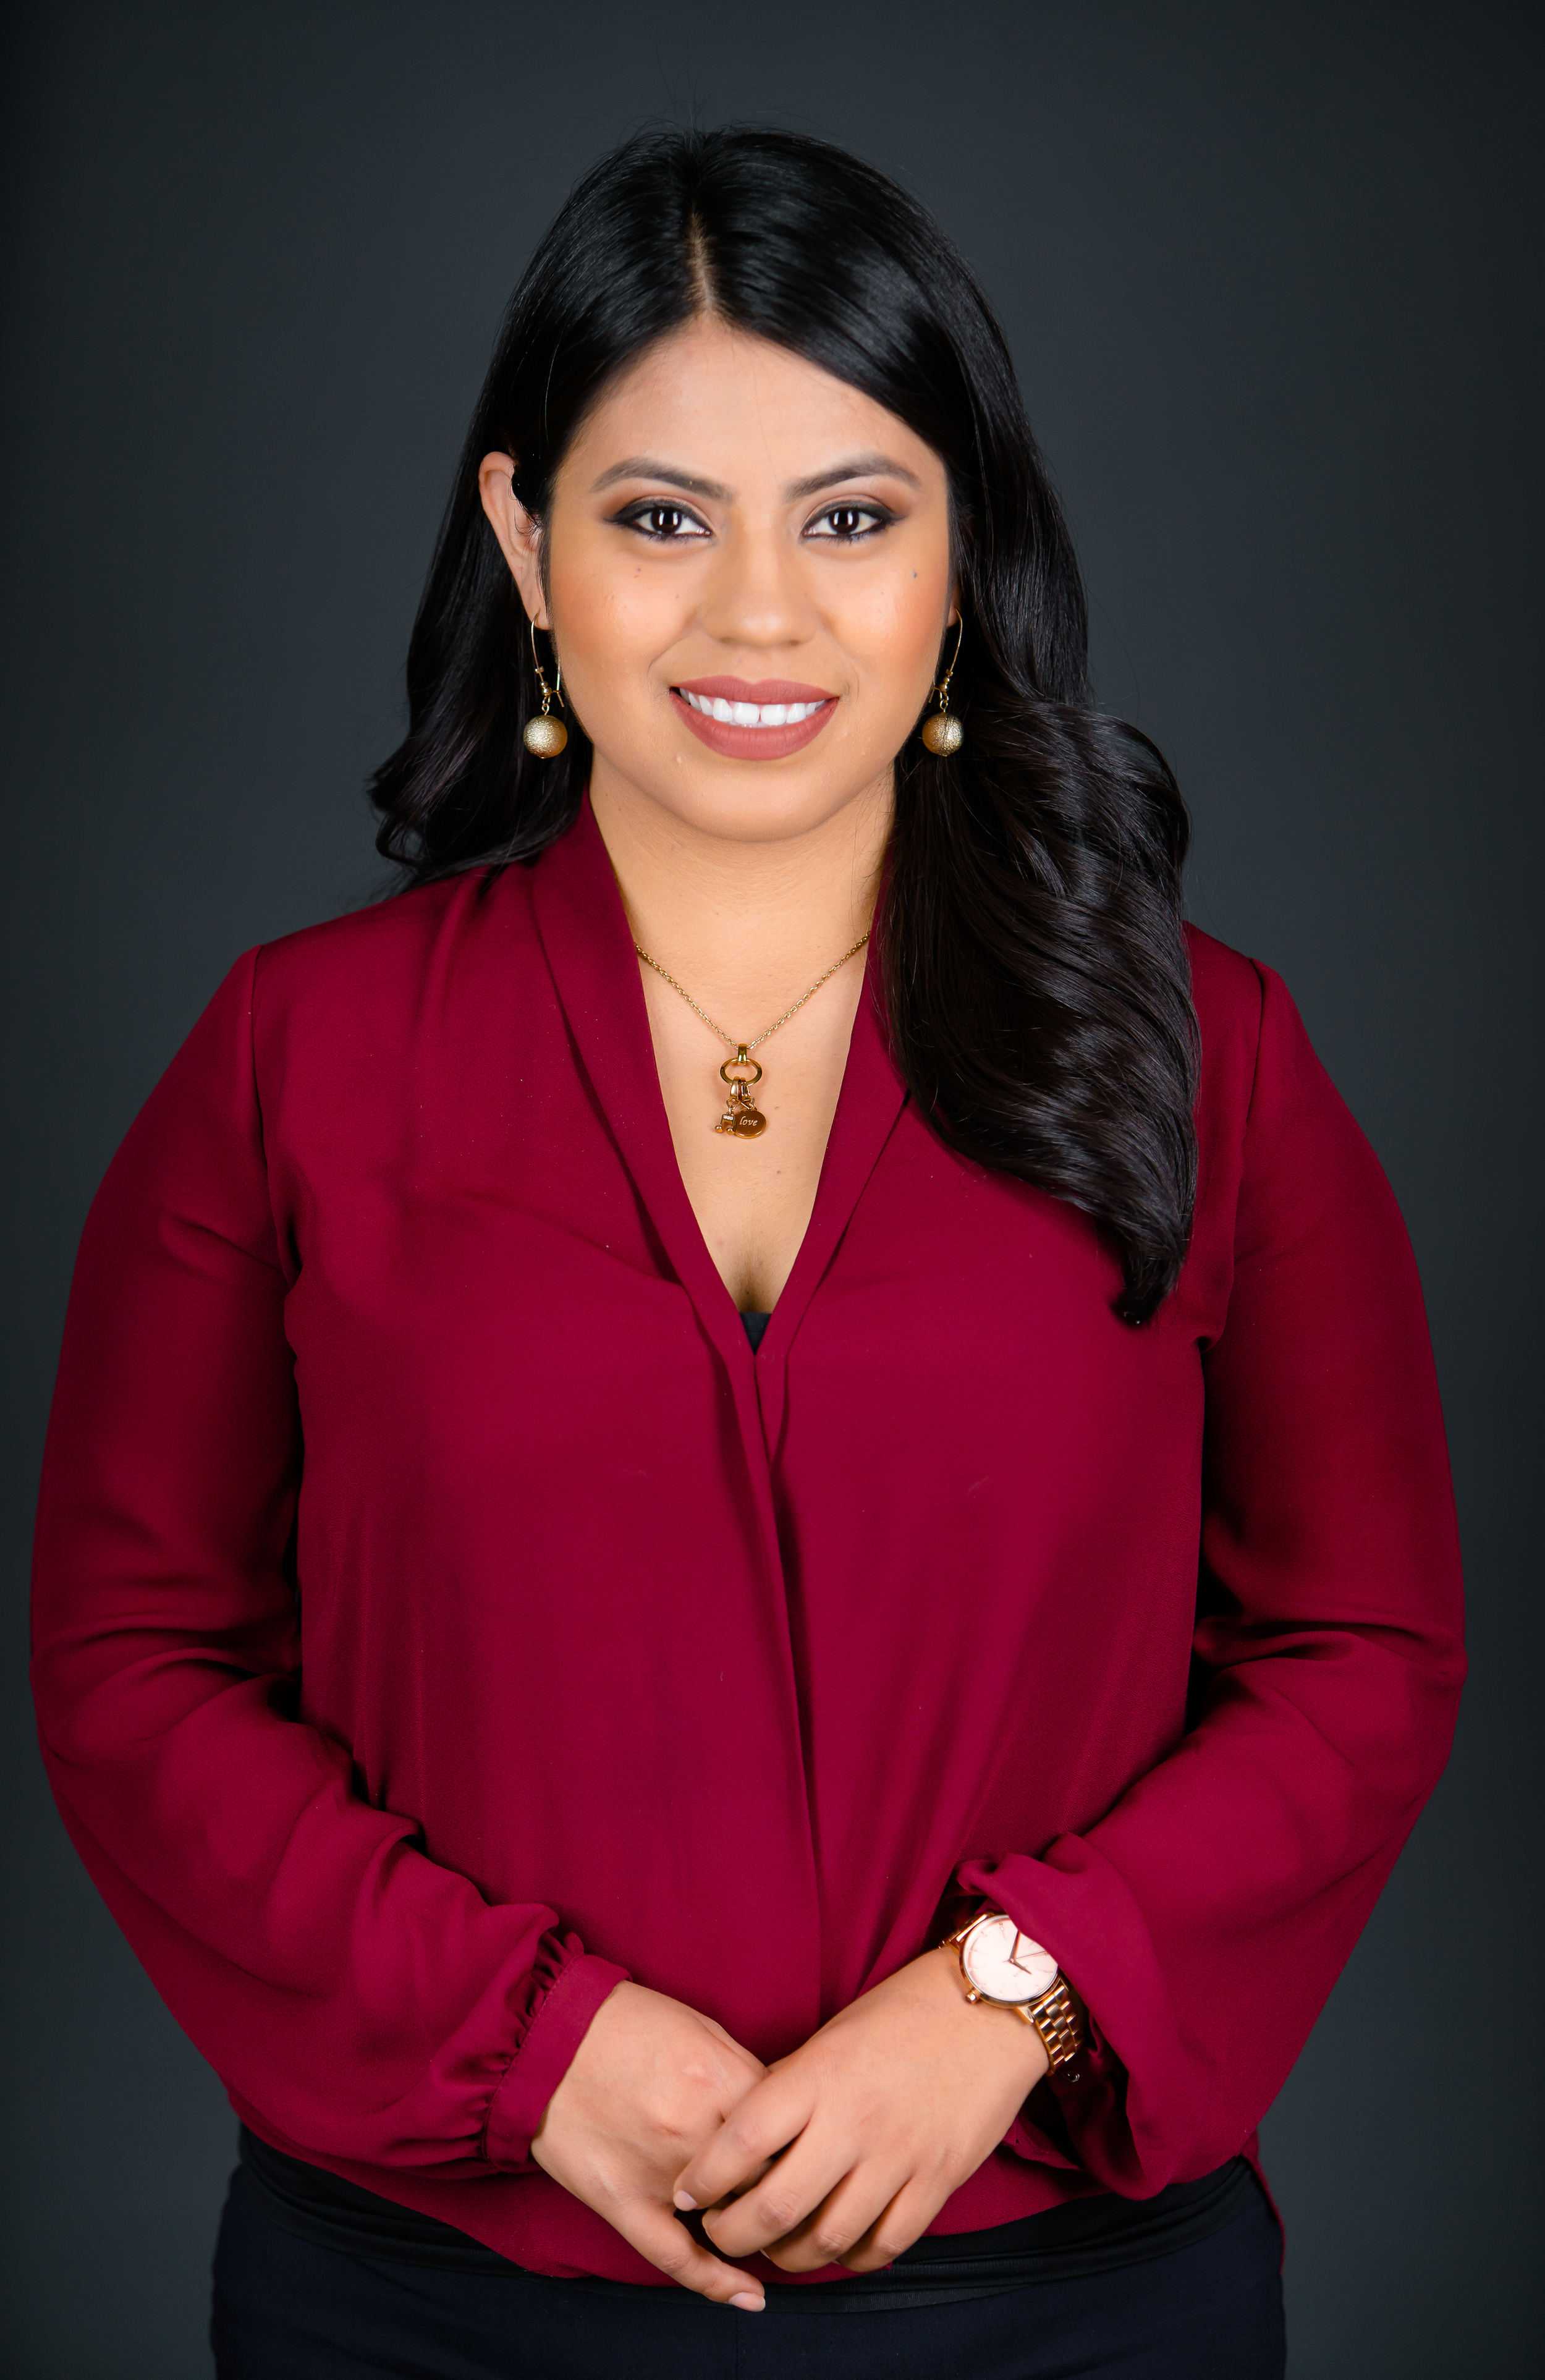 Liliana Salgado